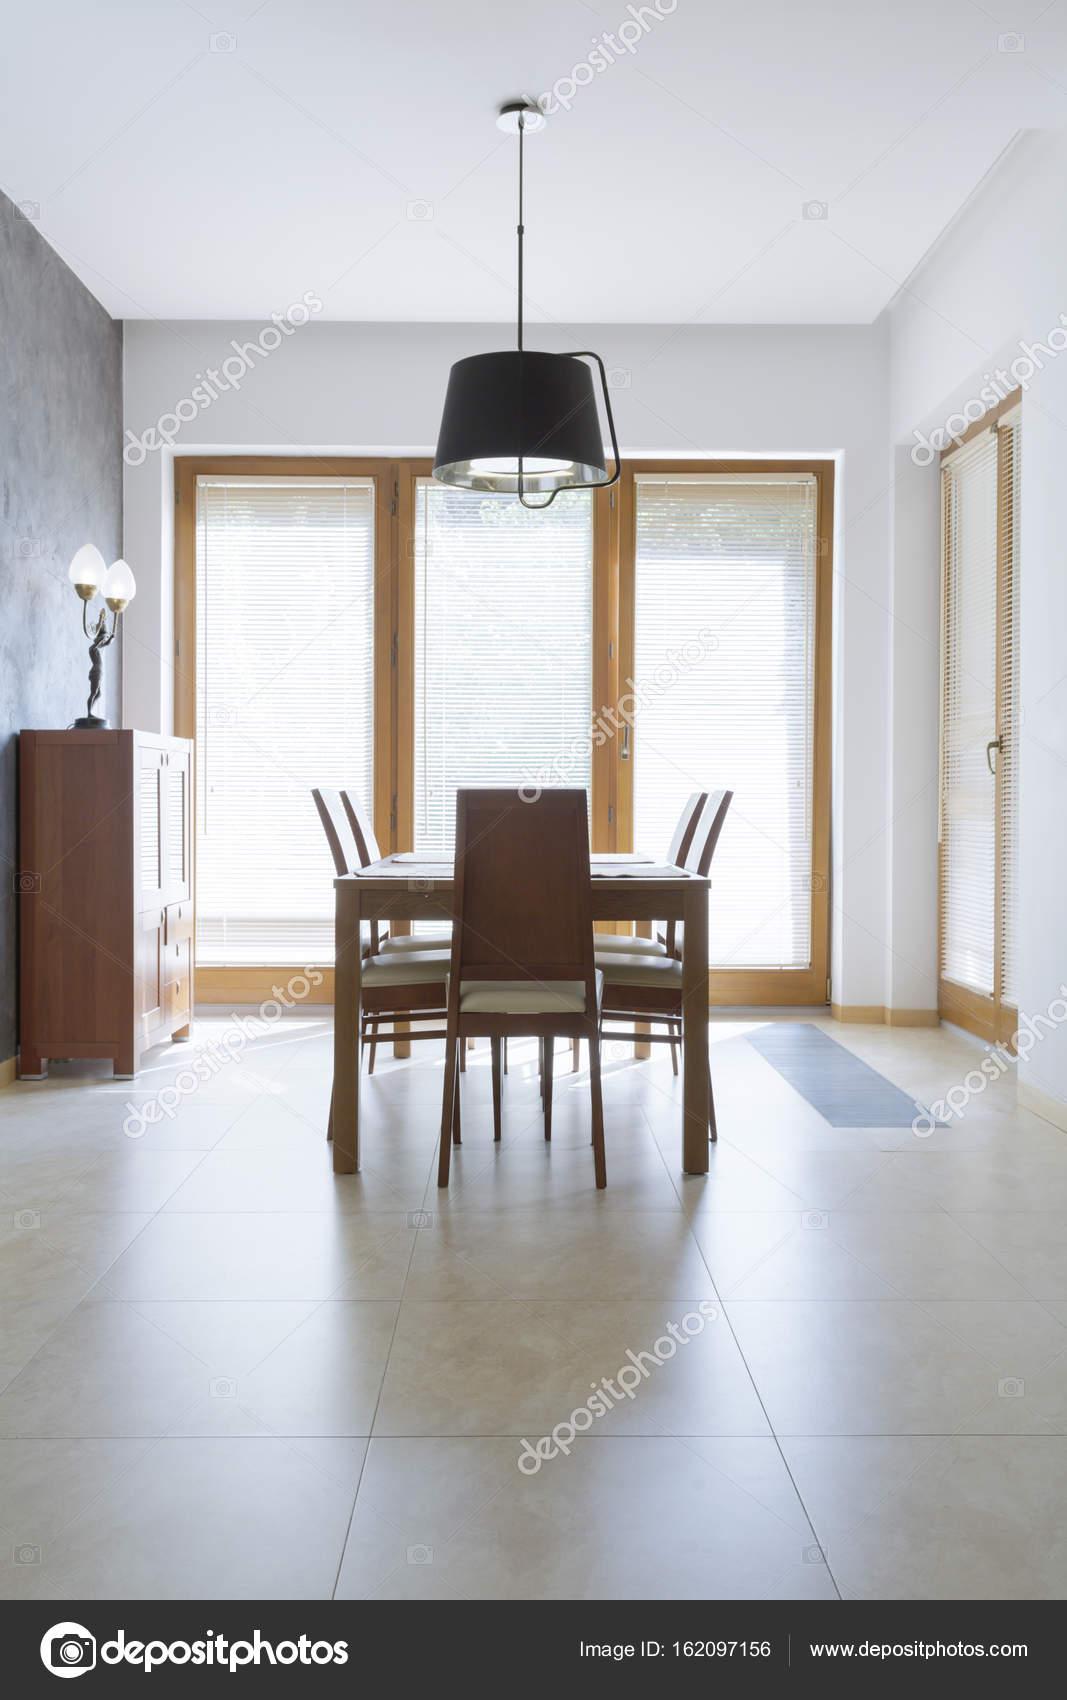 Minimalistische Esszimmer Mit Tisch Aus Holz U2014 Stockfoto